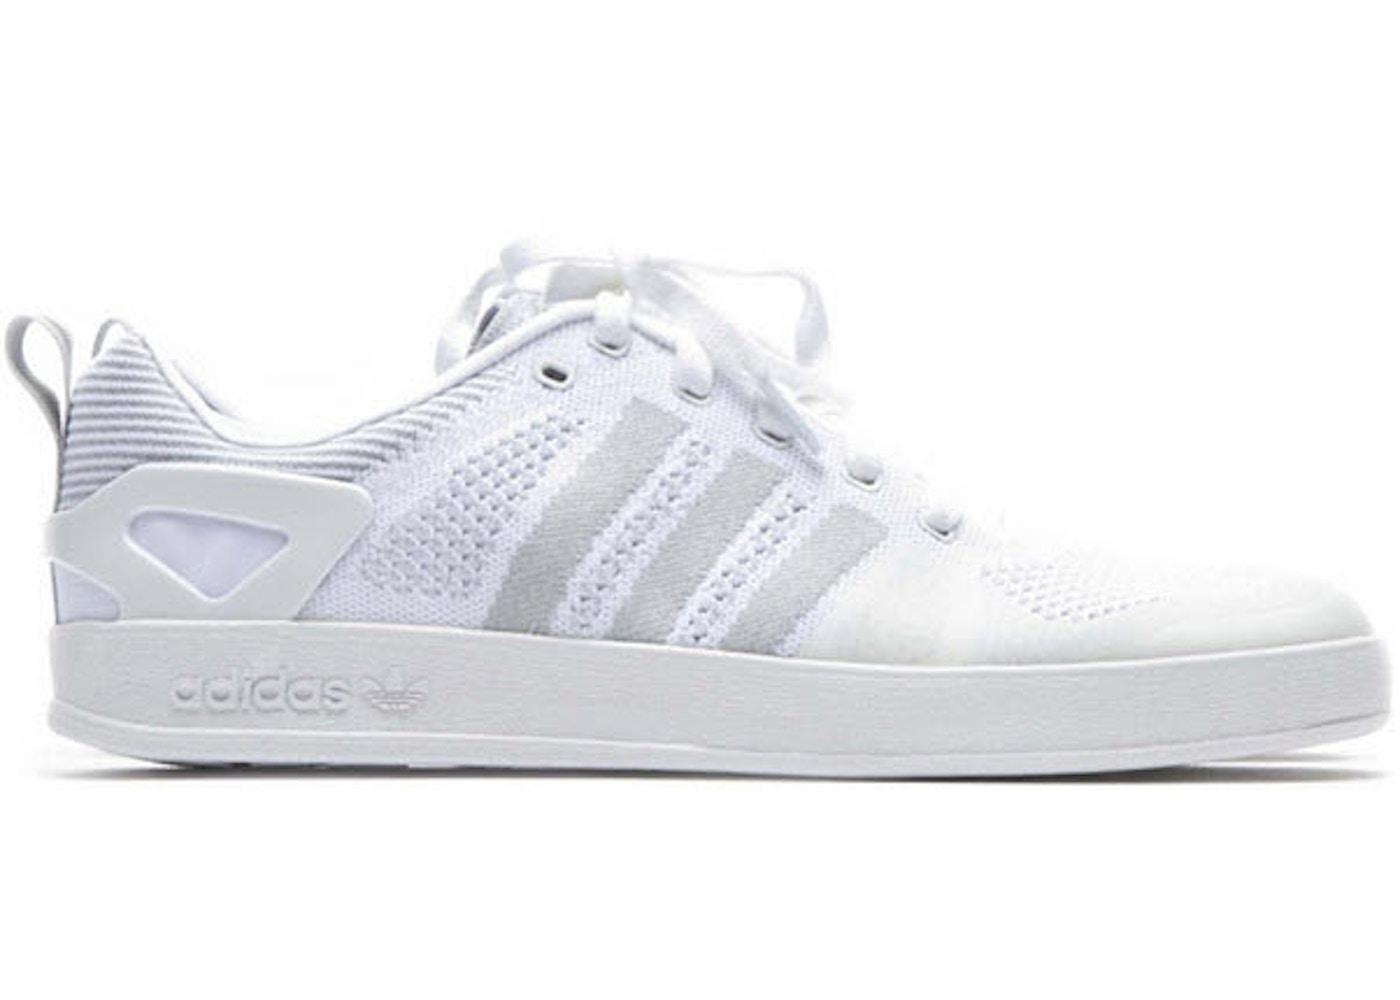 db8590b6 adidas Palace Pro Primeknit White - B34225